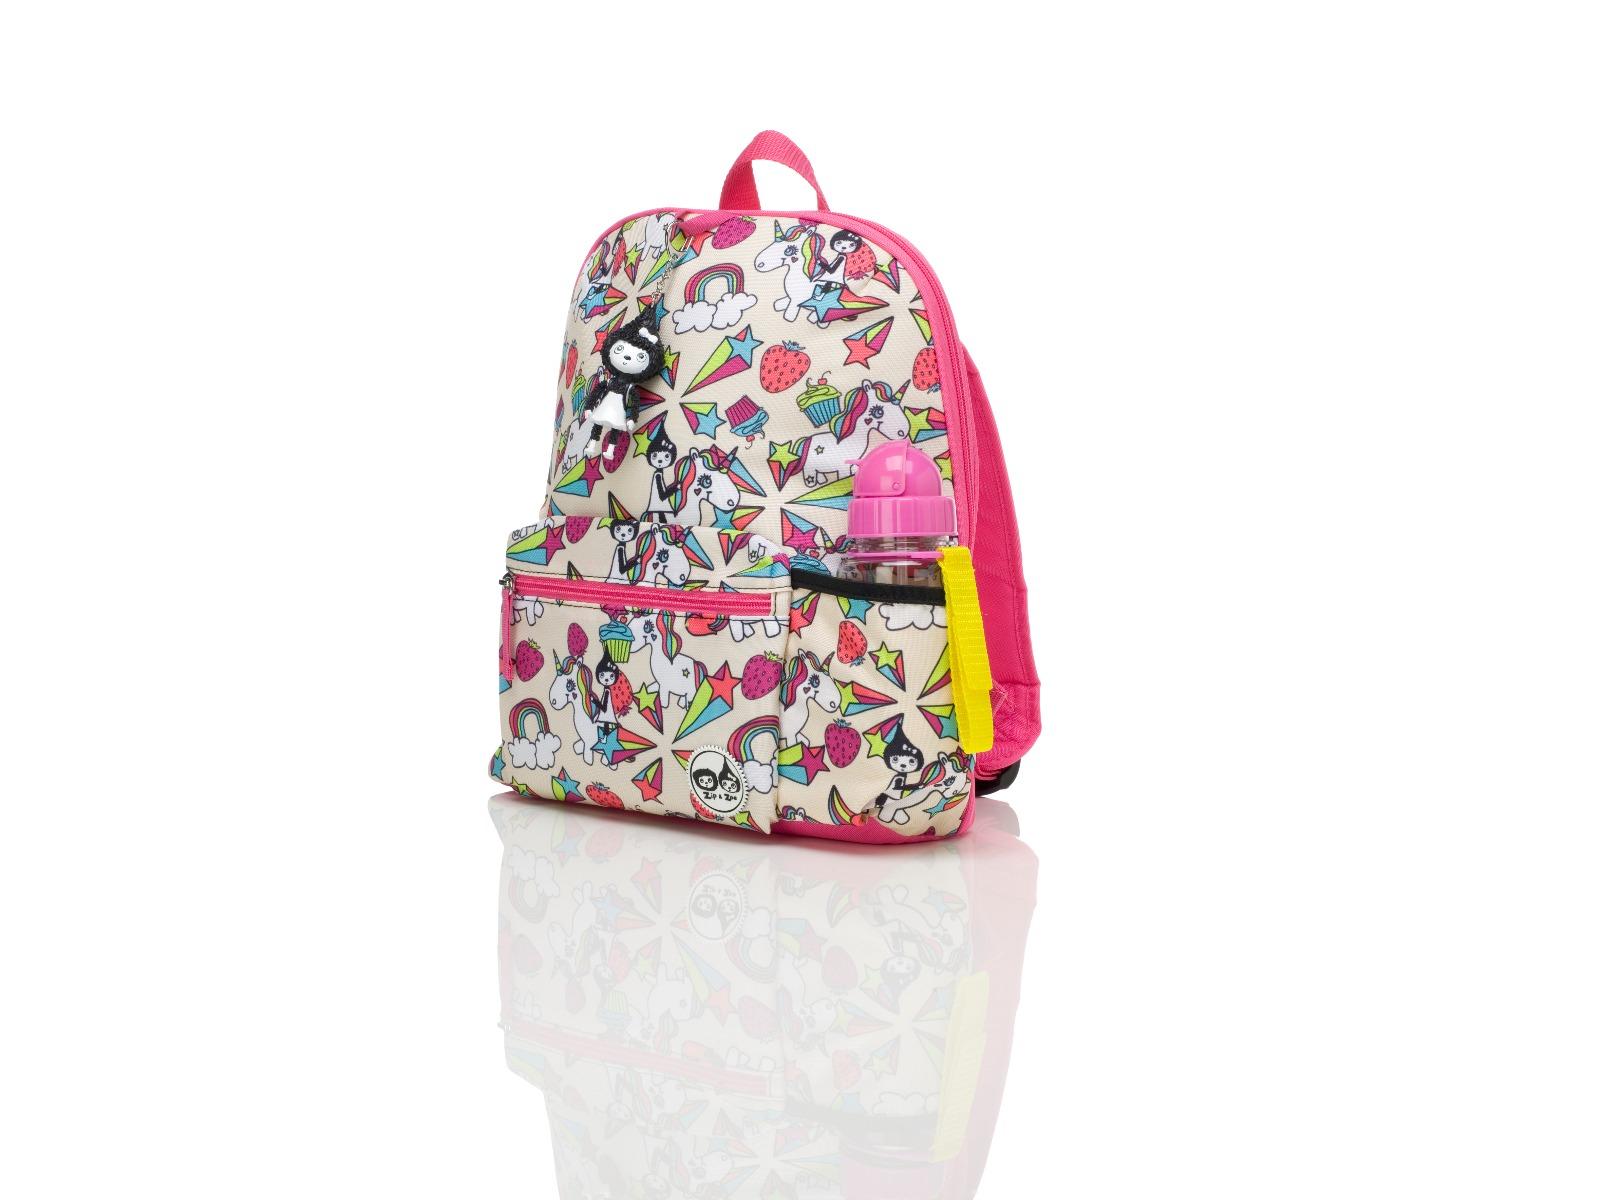 Zip and Zoe Midi Kid's Backpack (3-7Y) Unicorn